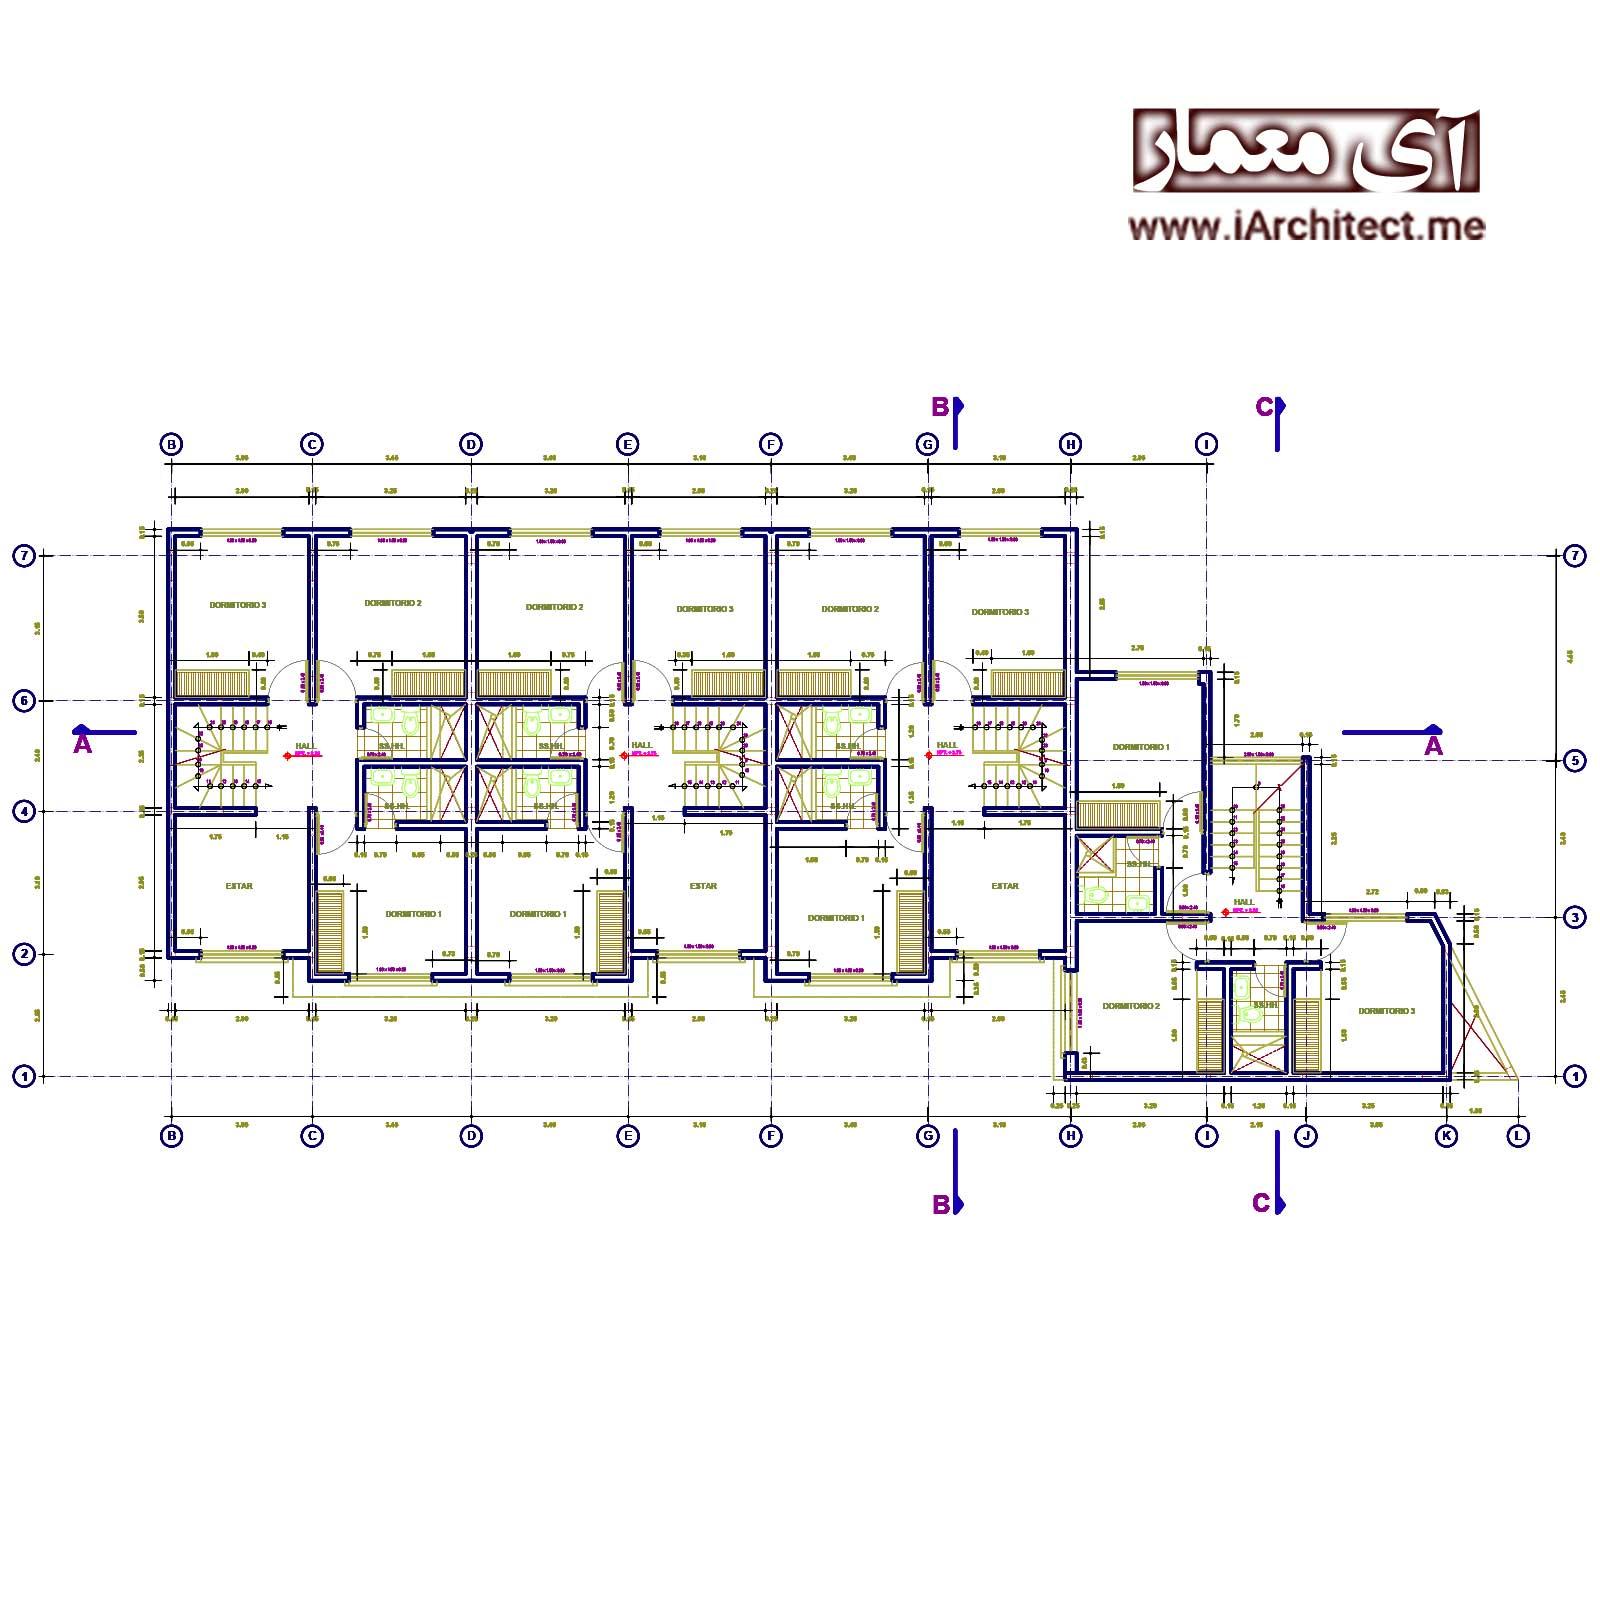 دانلود نقشه معماری هتل